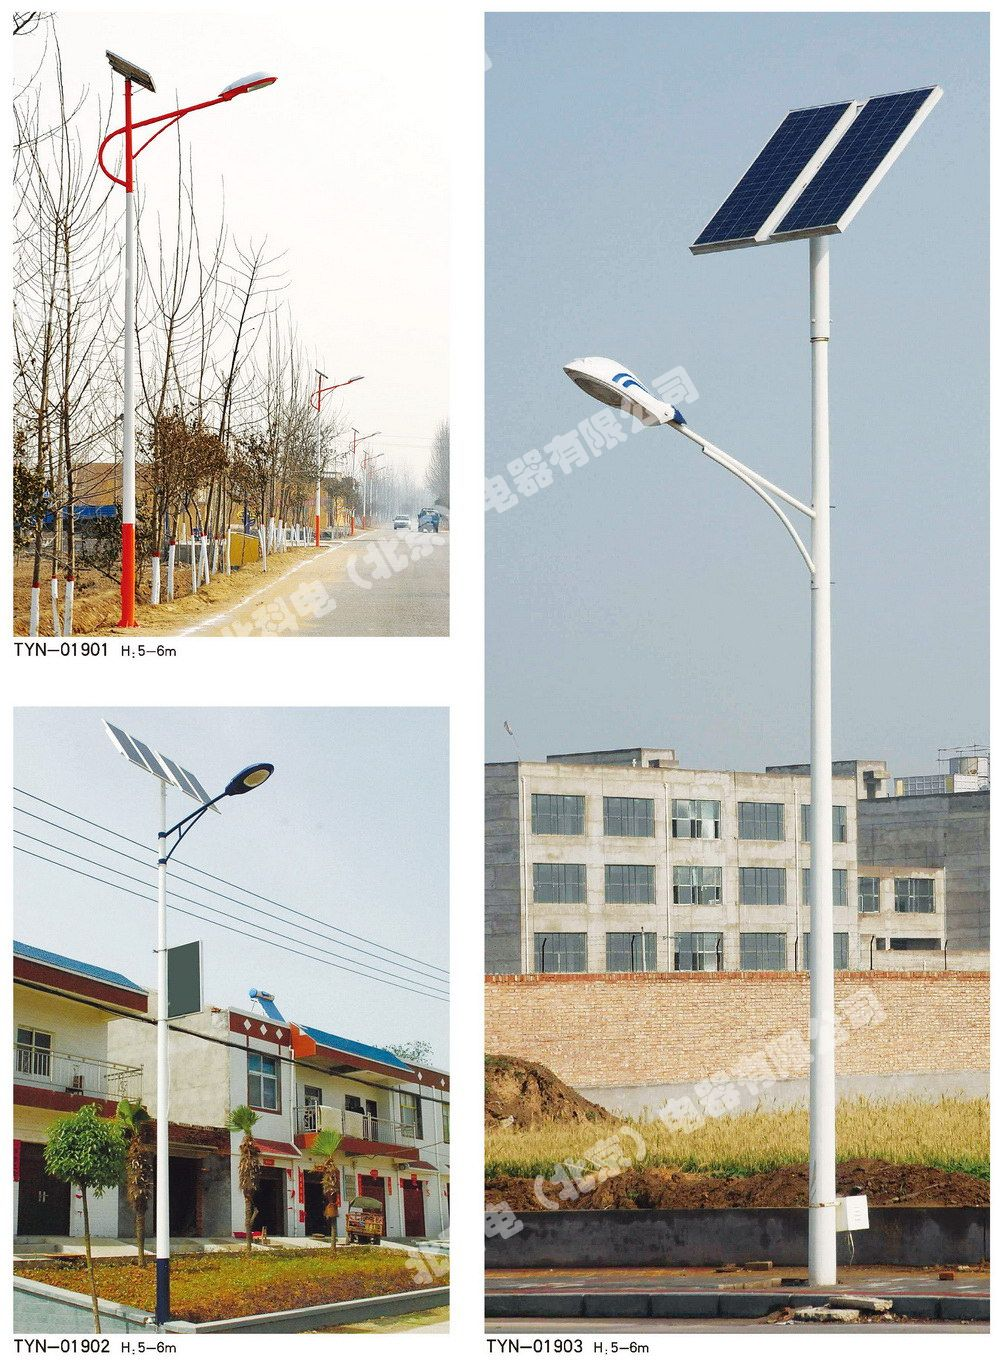 太阳能道路灯|太阳能道路灯系列-北科电(北京)电器